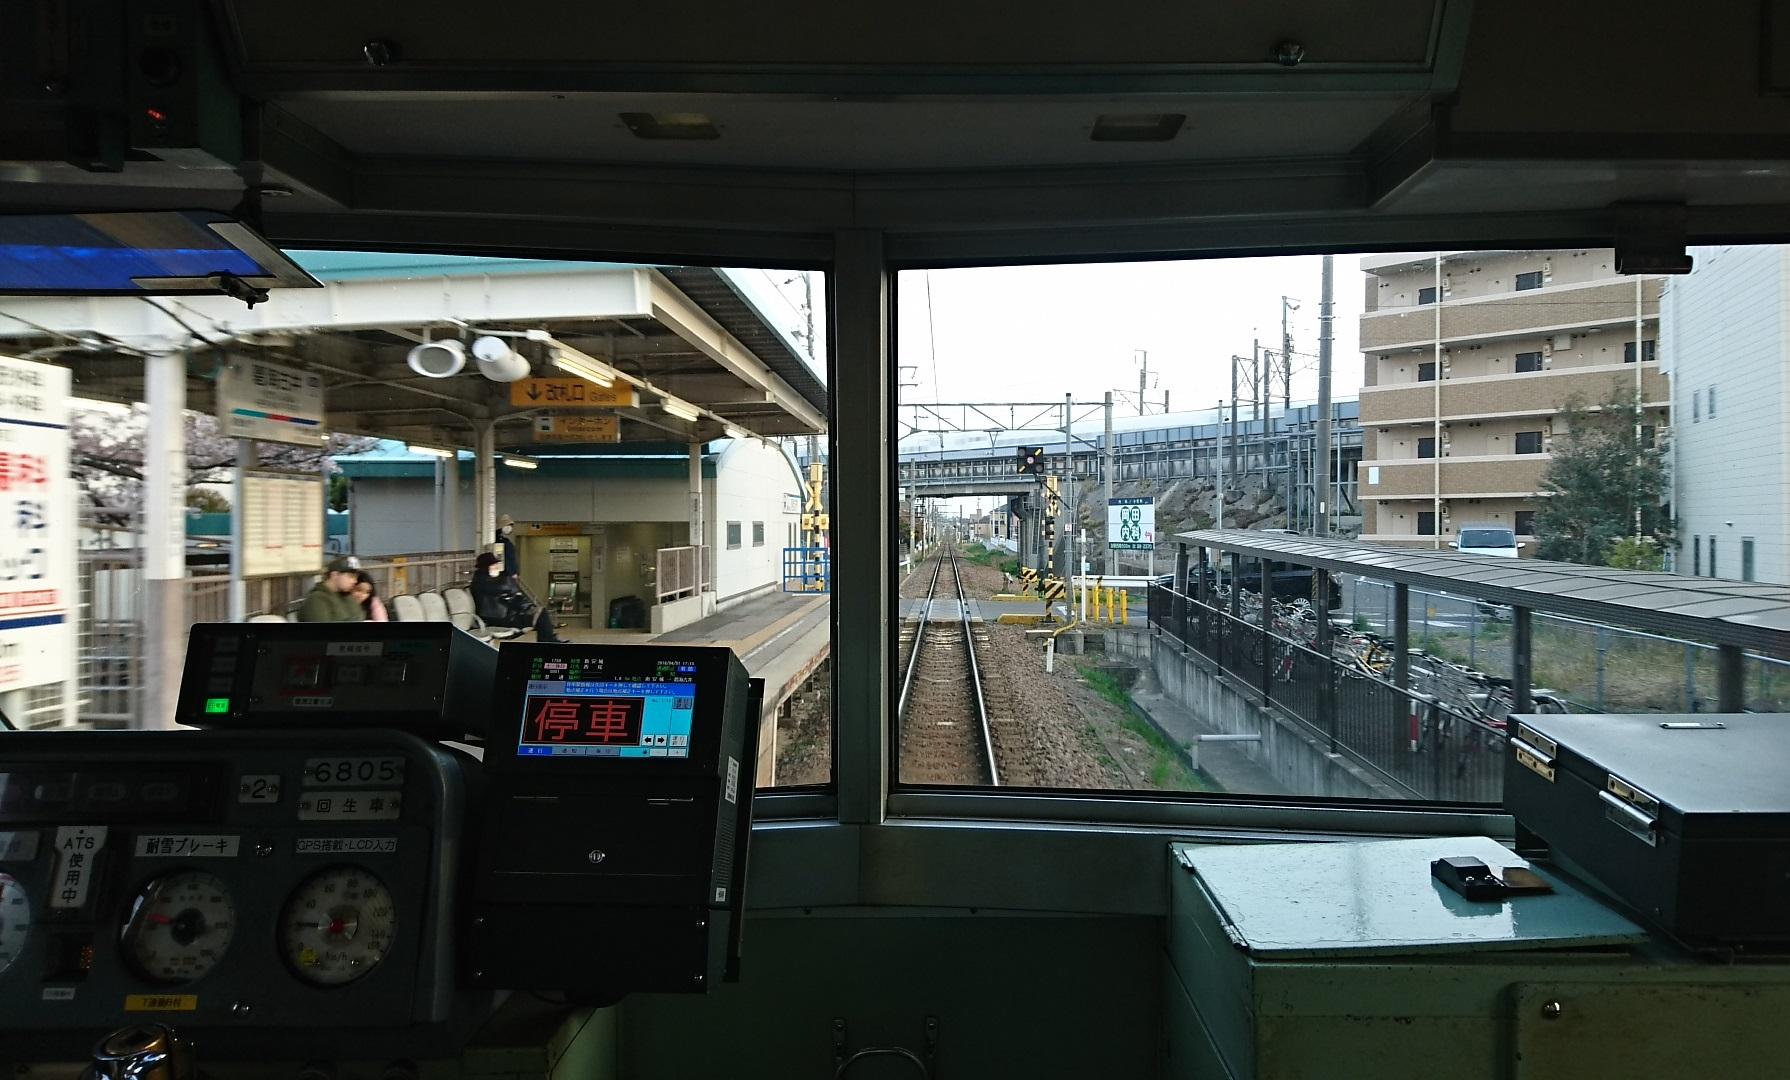 2018.4.1 東岡崎 (43) 西尾いきふつう - 古井 1790-1080